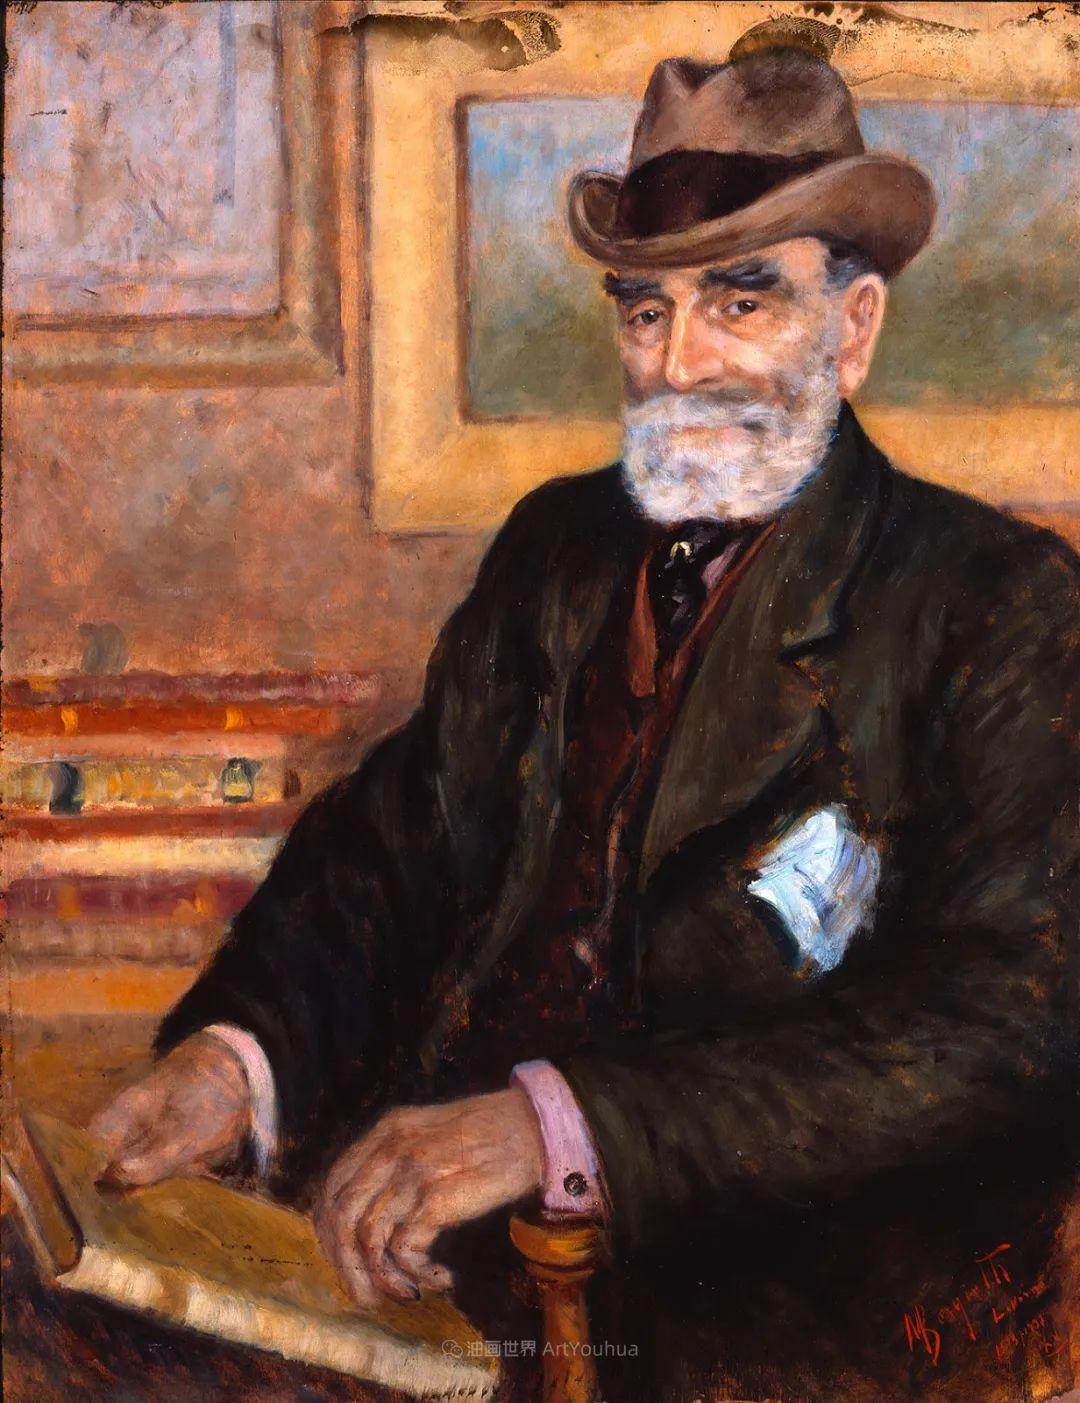 后斑痕画派的著名代表,意大利画家乌尔维·利吉插图23